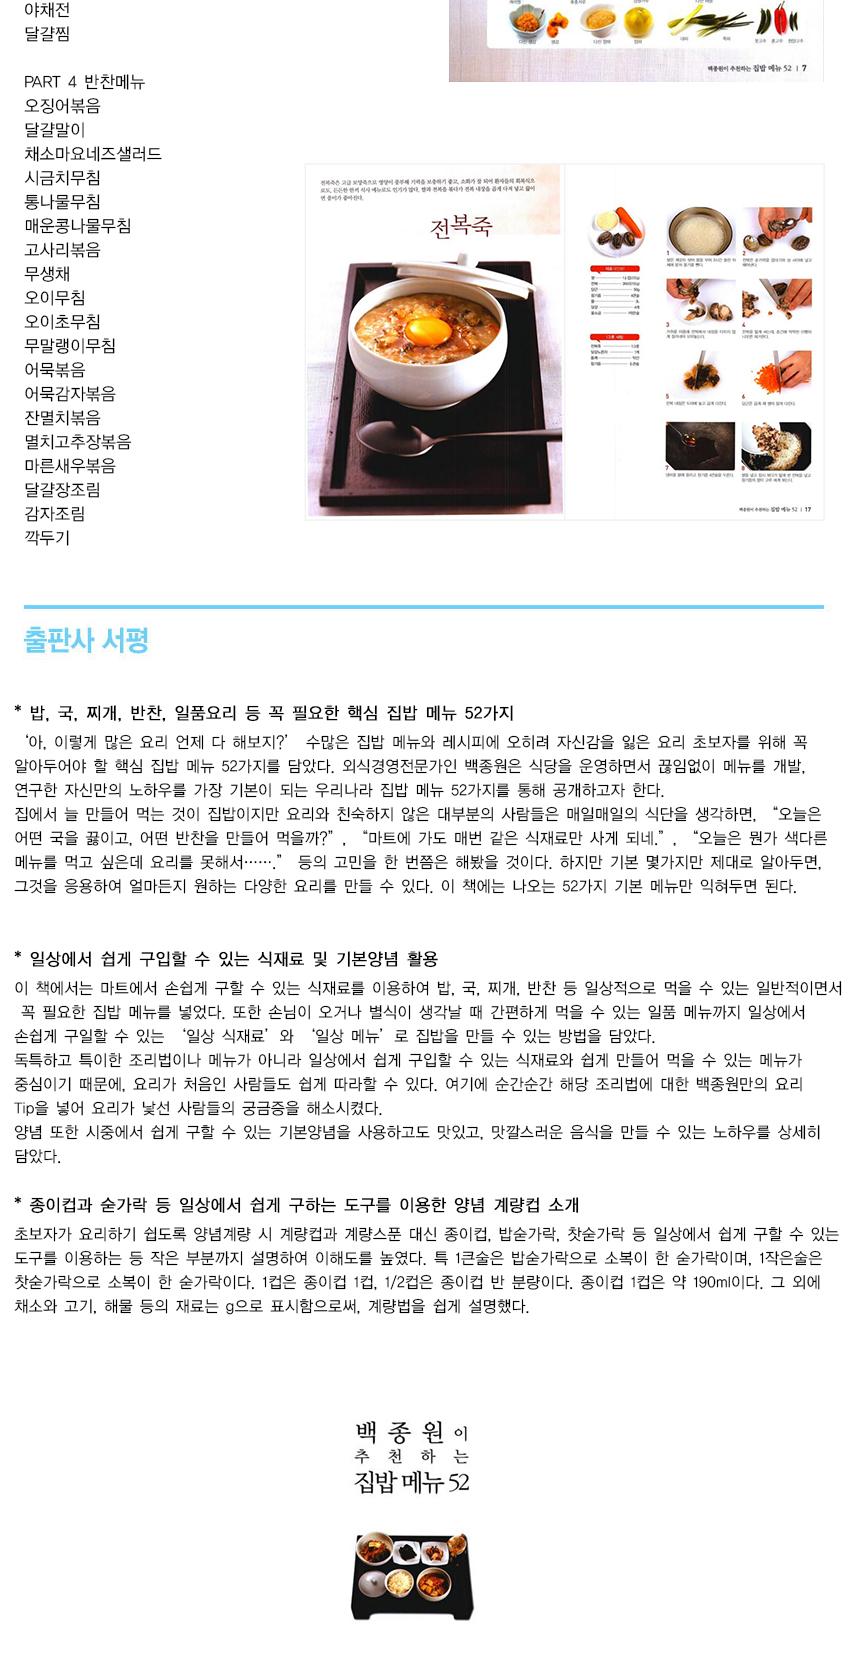 韓国市場/LIFE館/ 本/韓国雑誌/ 料理書